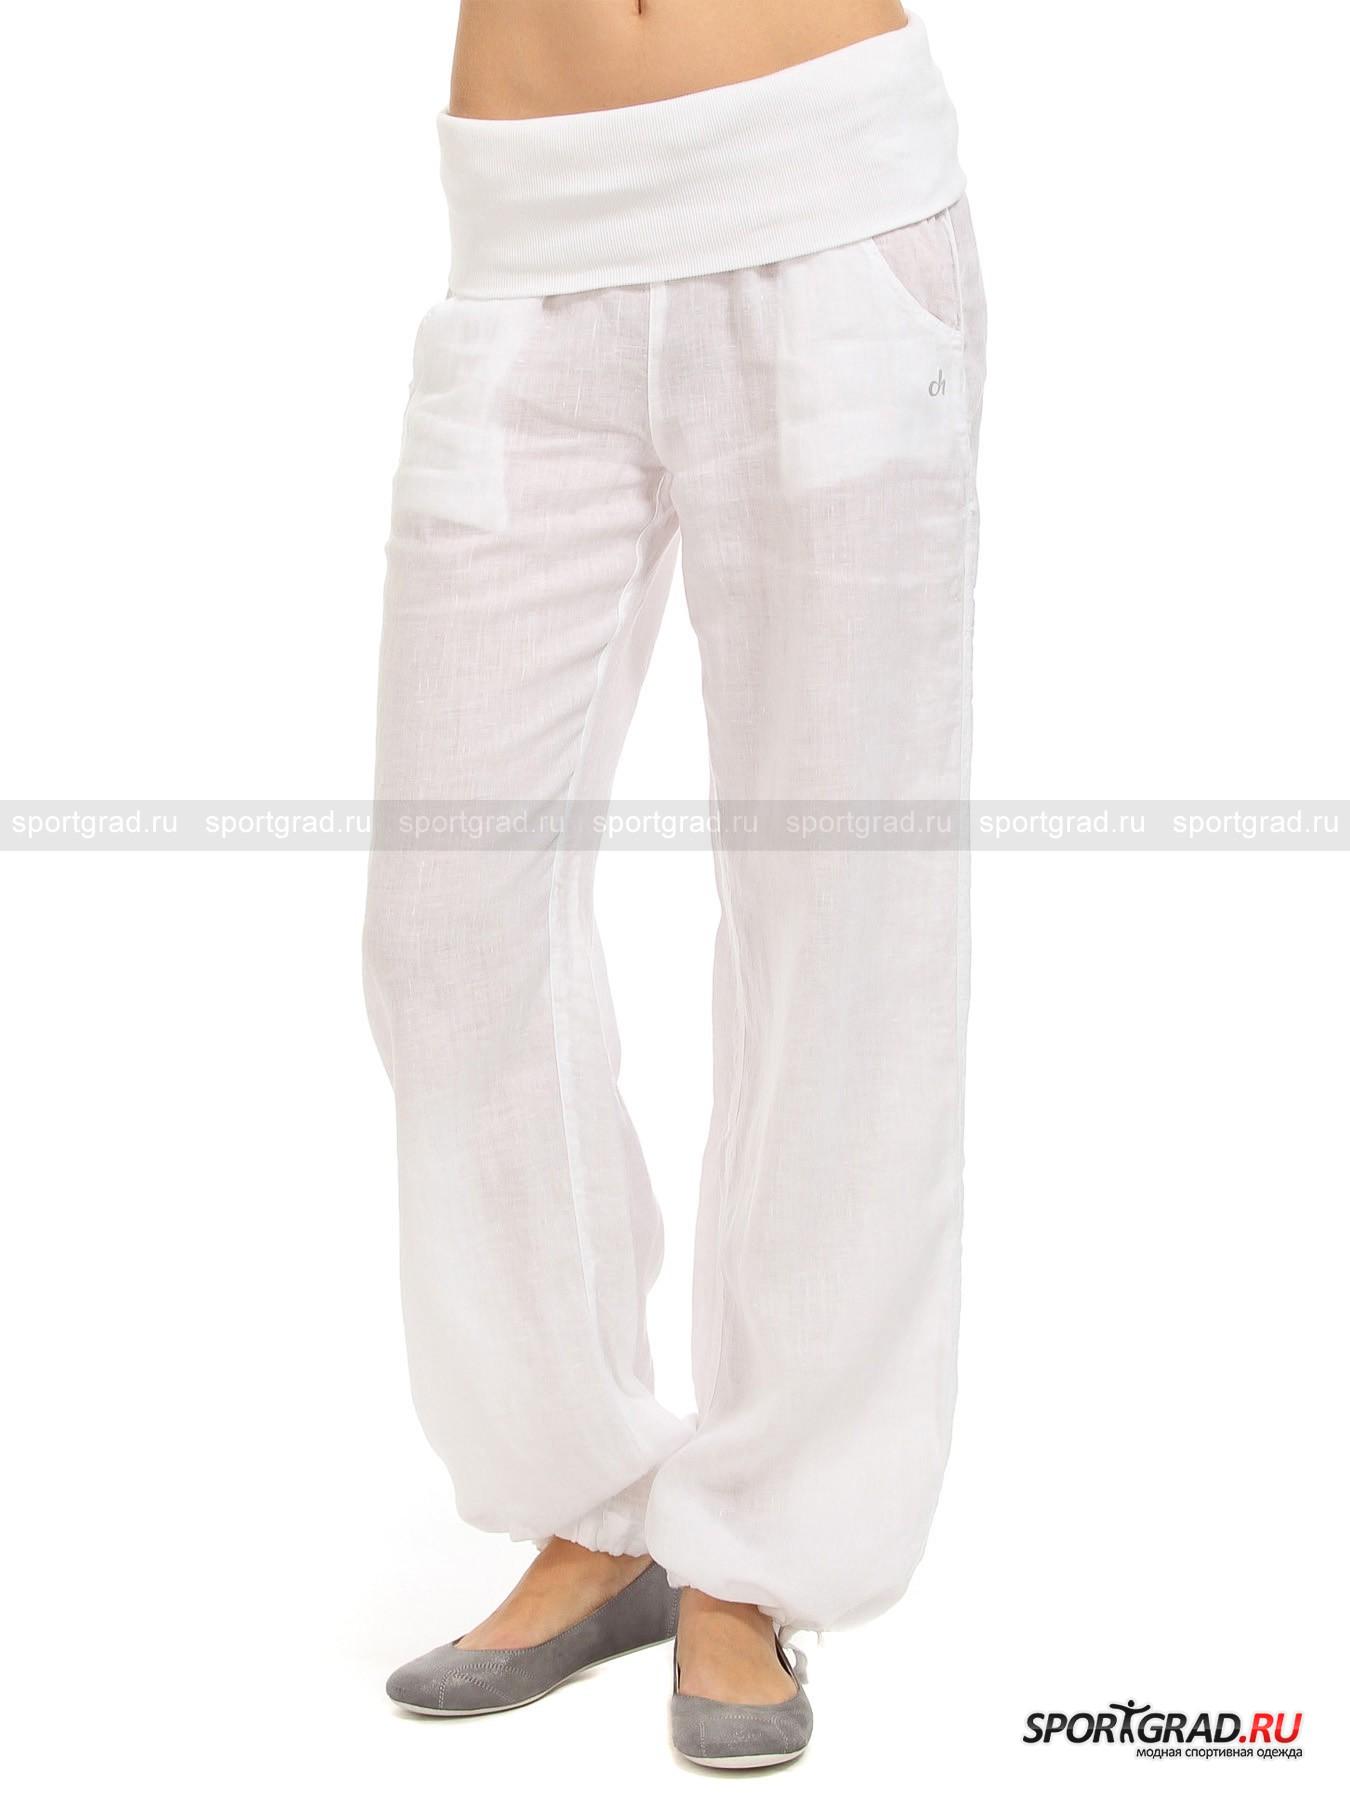 Брюки-паруса женские льняные  pants DEHAБрюки<br>Широкие женские брюки-паруса pants DEHA, которые при желании легко можно превратить в шаровары, стянув тесьму по низу штанины, благодаря просторному крою не сковывают движений и приятно холодят кожу: льняное полотно, из которого пошито изделие, не просто пропускает воздух, но и создает между телом и тканью особый освежающий микроклимат. Высокий трикотажный пояс на резинке с подворотом наружу и пропущенным принтованным шнуром дарит надежную эластичную посадку. Сзади модель имеет вытачки и фирменную декоративную шлевку, а спереди - прорезные карманы с фигурным входом и серебристой аппликацией-монограммой торгового дома.<br><br>Длина по боковому шву без учета пояса 98 см, ширина пояса 30 см (размер S).<br><br>Пол: Женский<br>Возраст: Взрослый<br>Тип: Брюки<br>Рекомендации по уходу: Изделию показана машинная стирка при температуре 40°, глажка при температуре, не превышающей 150°, и химчистка. Запрещены отбеливание и сушка в стиральной машине или электросушилке для белья.<br>Состав: Основное изделие: 100% лен. Отделка: 100%  хлопок.